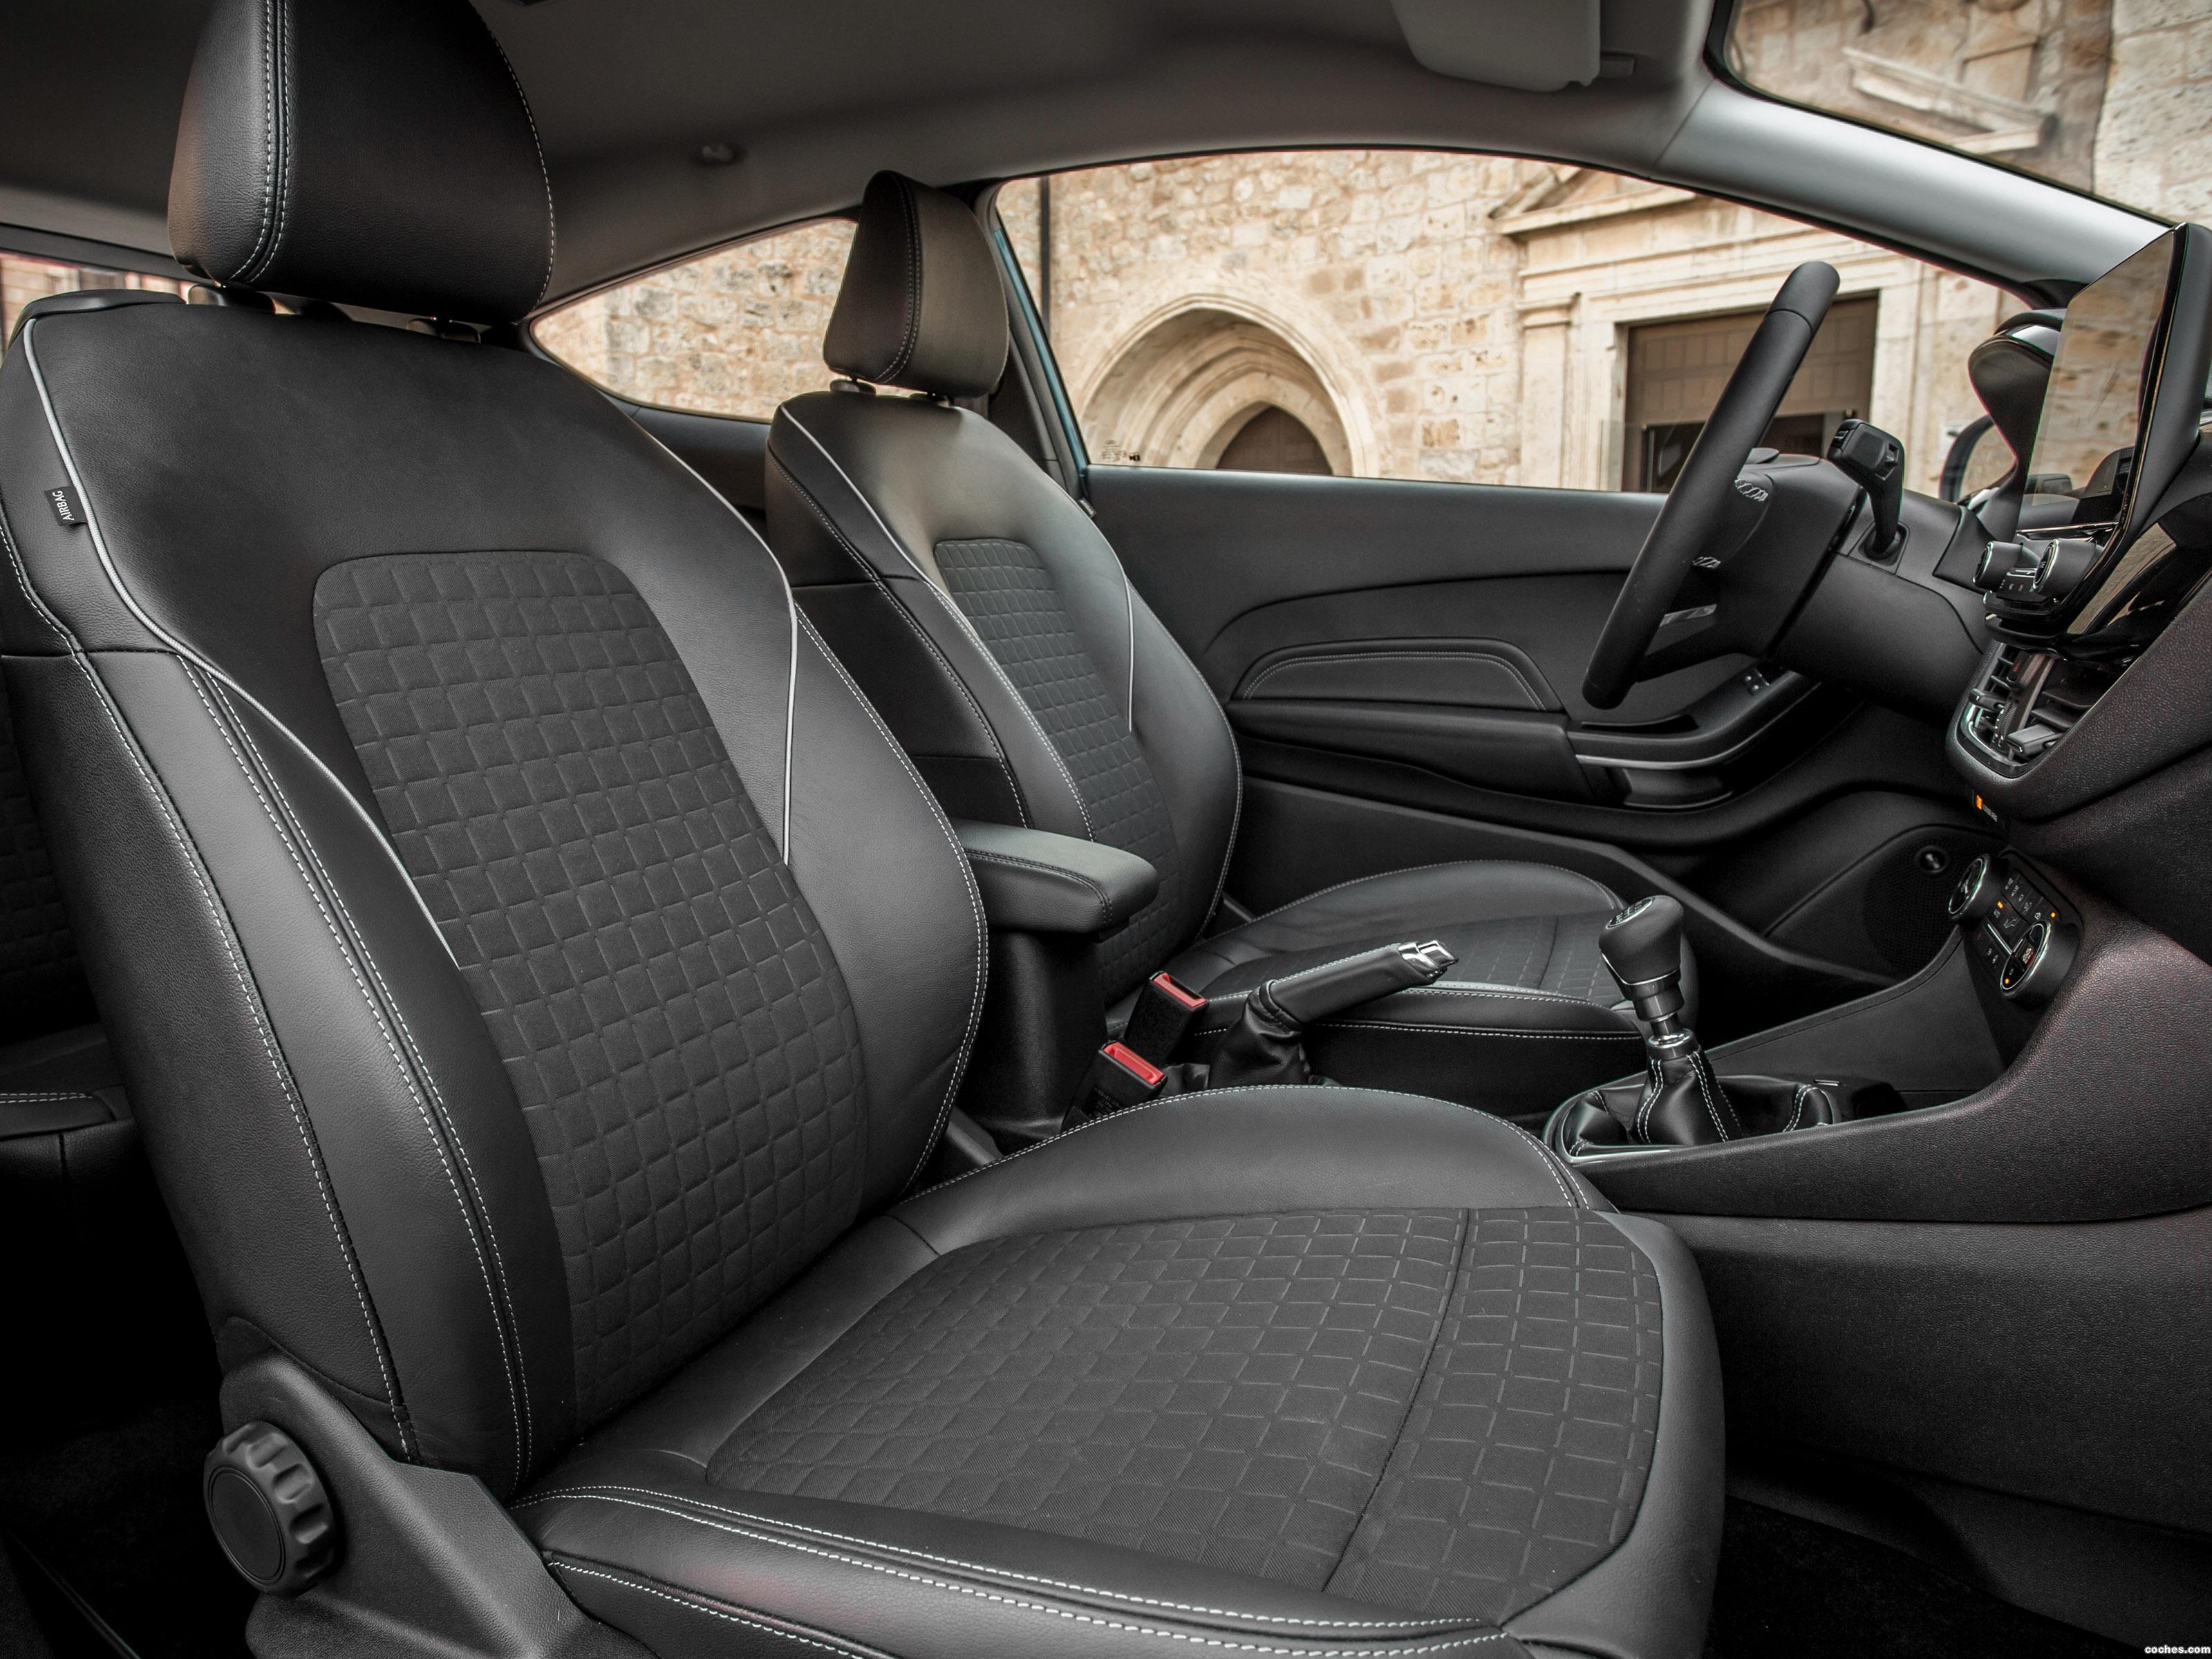 Foto 18 de Ford Fiesta Titanium 3 puertas 2017